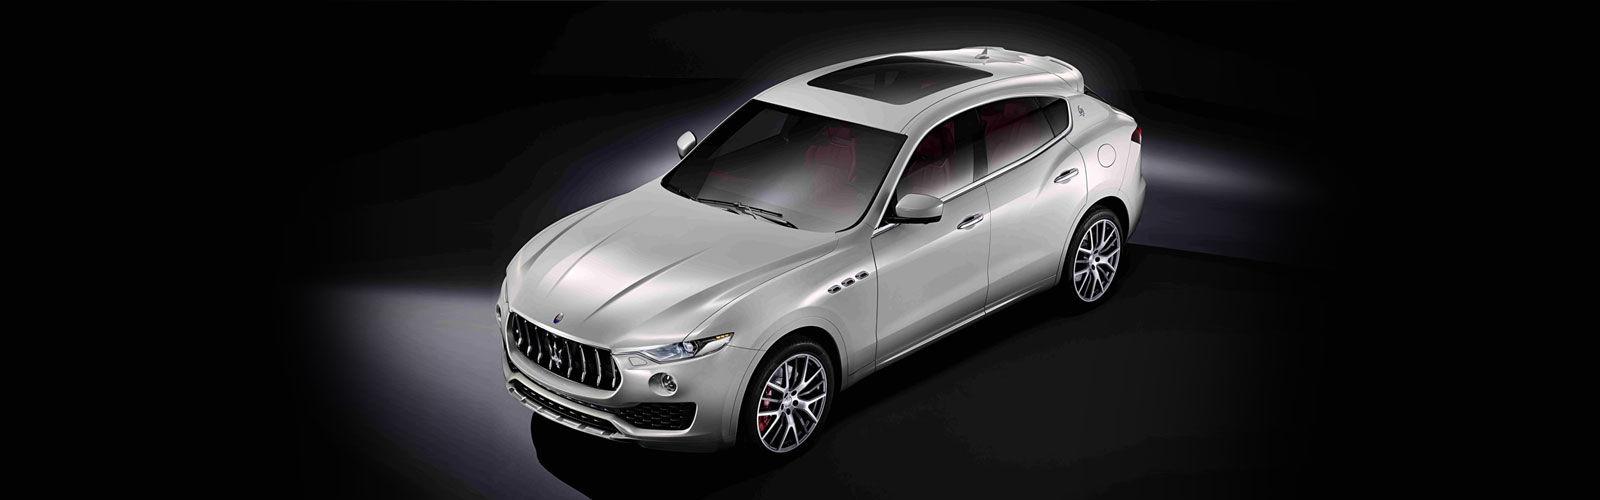 2017 Maserati Levante Release Date, Price and Specs - Roadshow